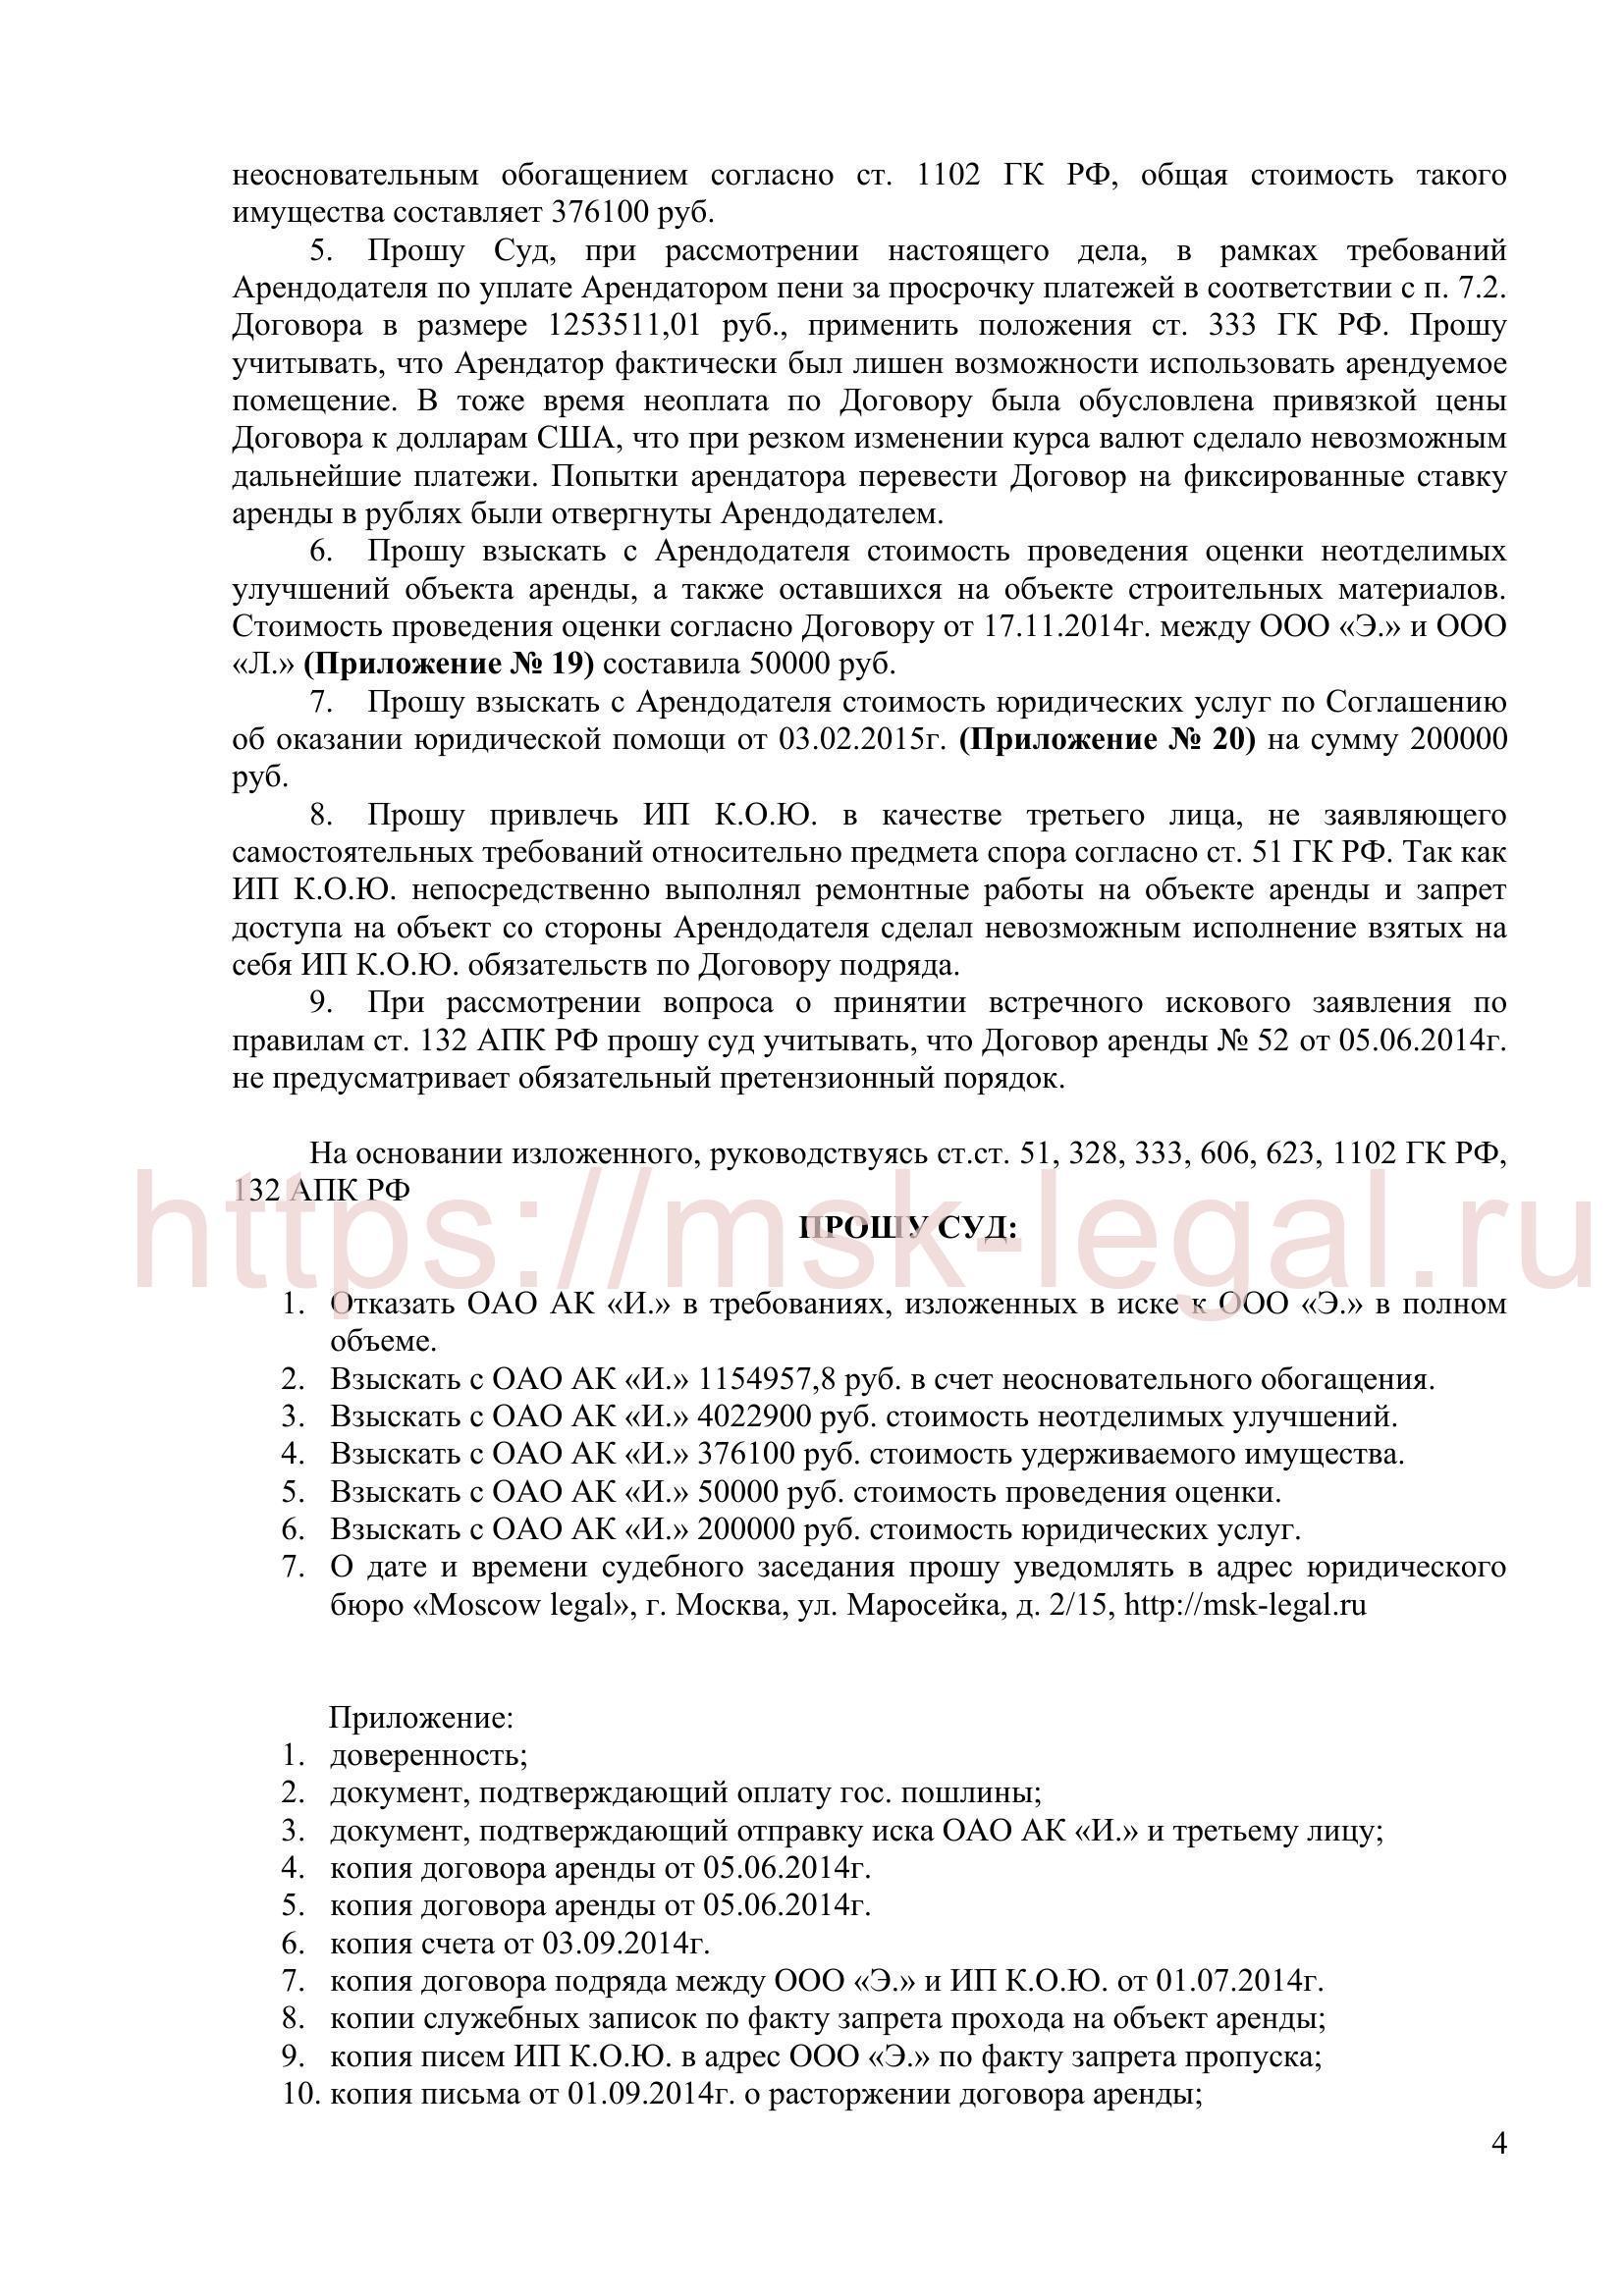 Встречное исковое заявление по договору аренды